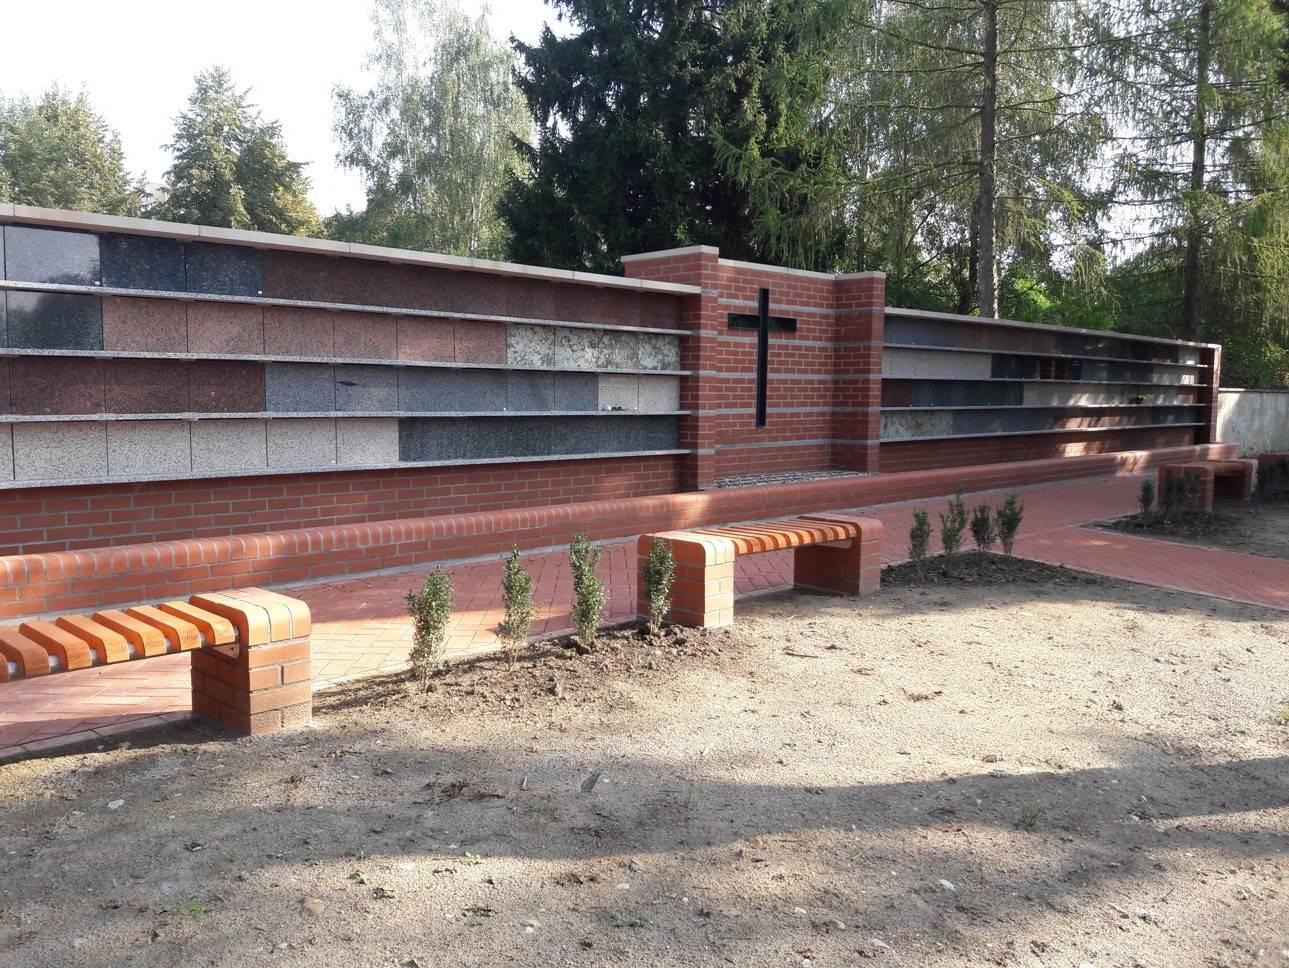 Lícové cihly a cihelná dlažba na rekonstrukci hřbitovní zdi v České Lípě